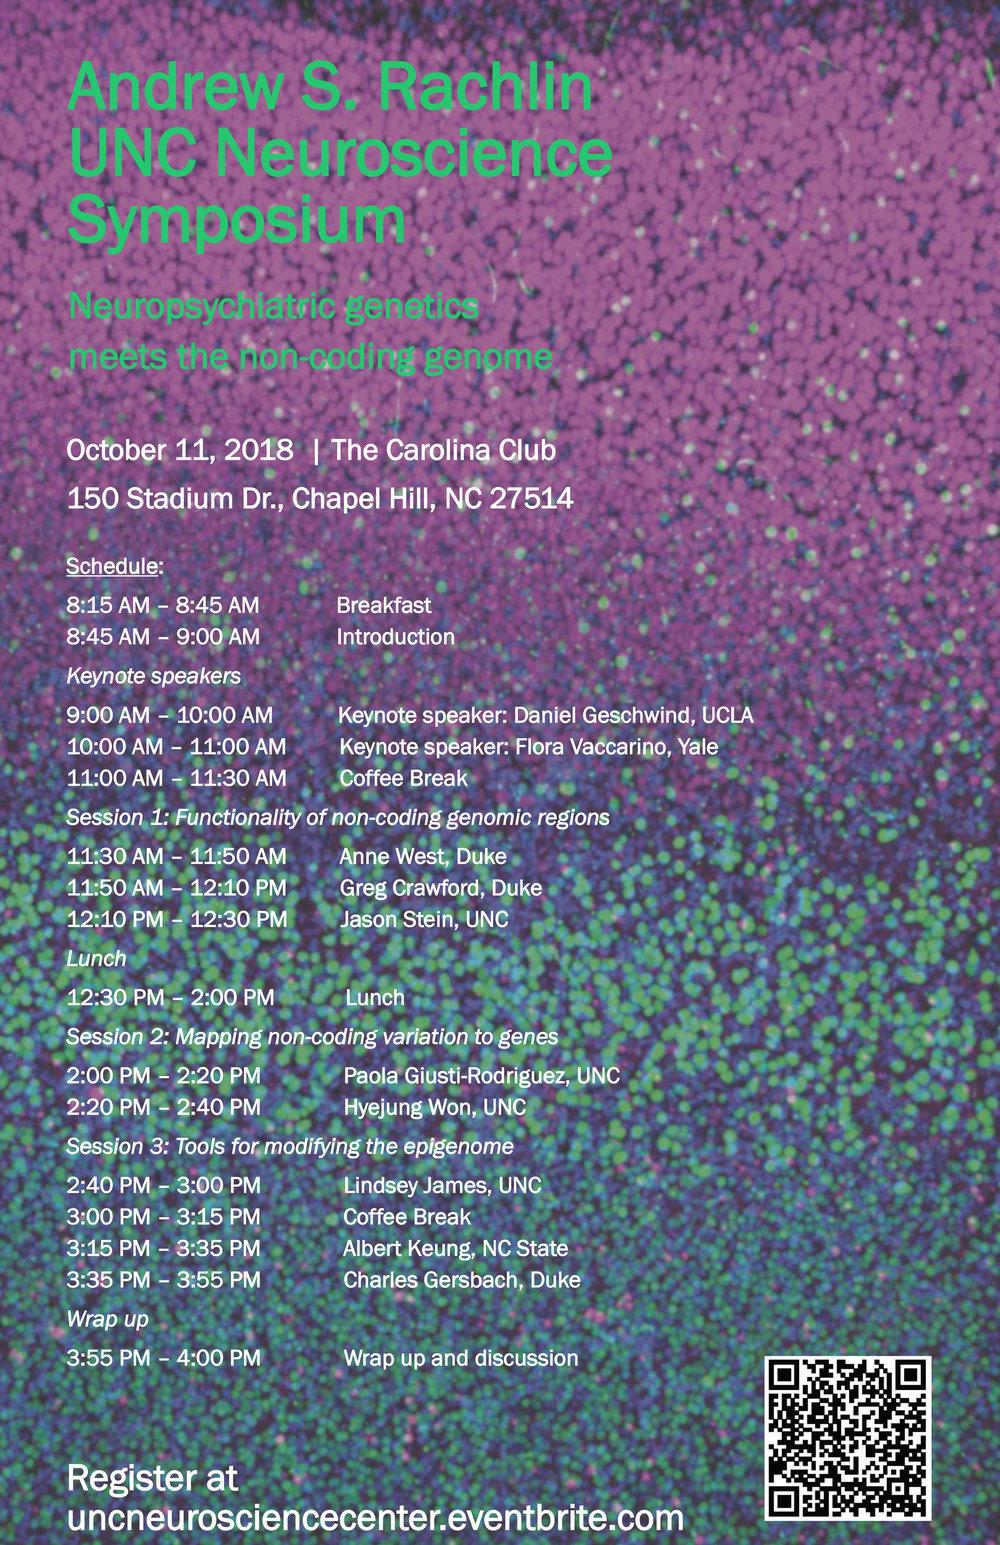 2018 UNC Neuroscience Symposium Flyer with Schedule - PDF.jpg